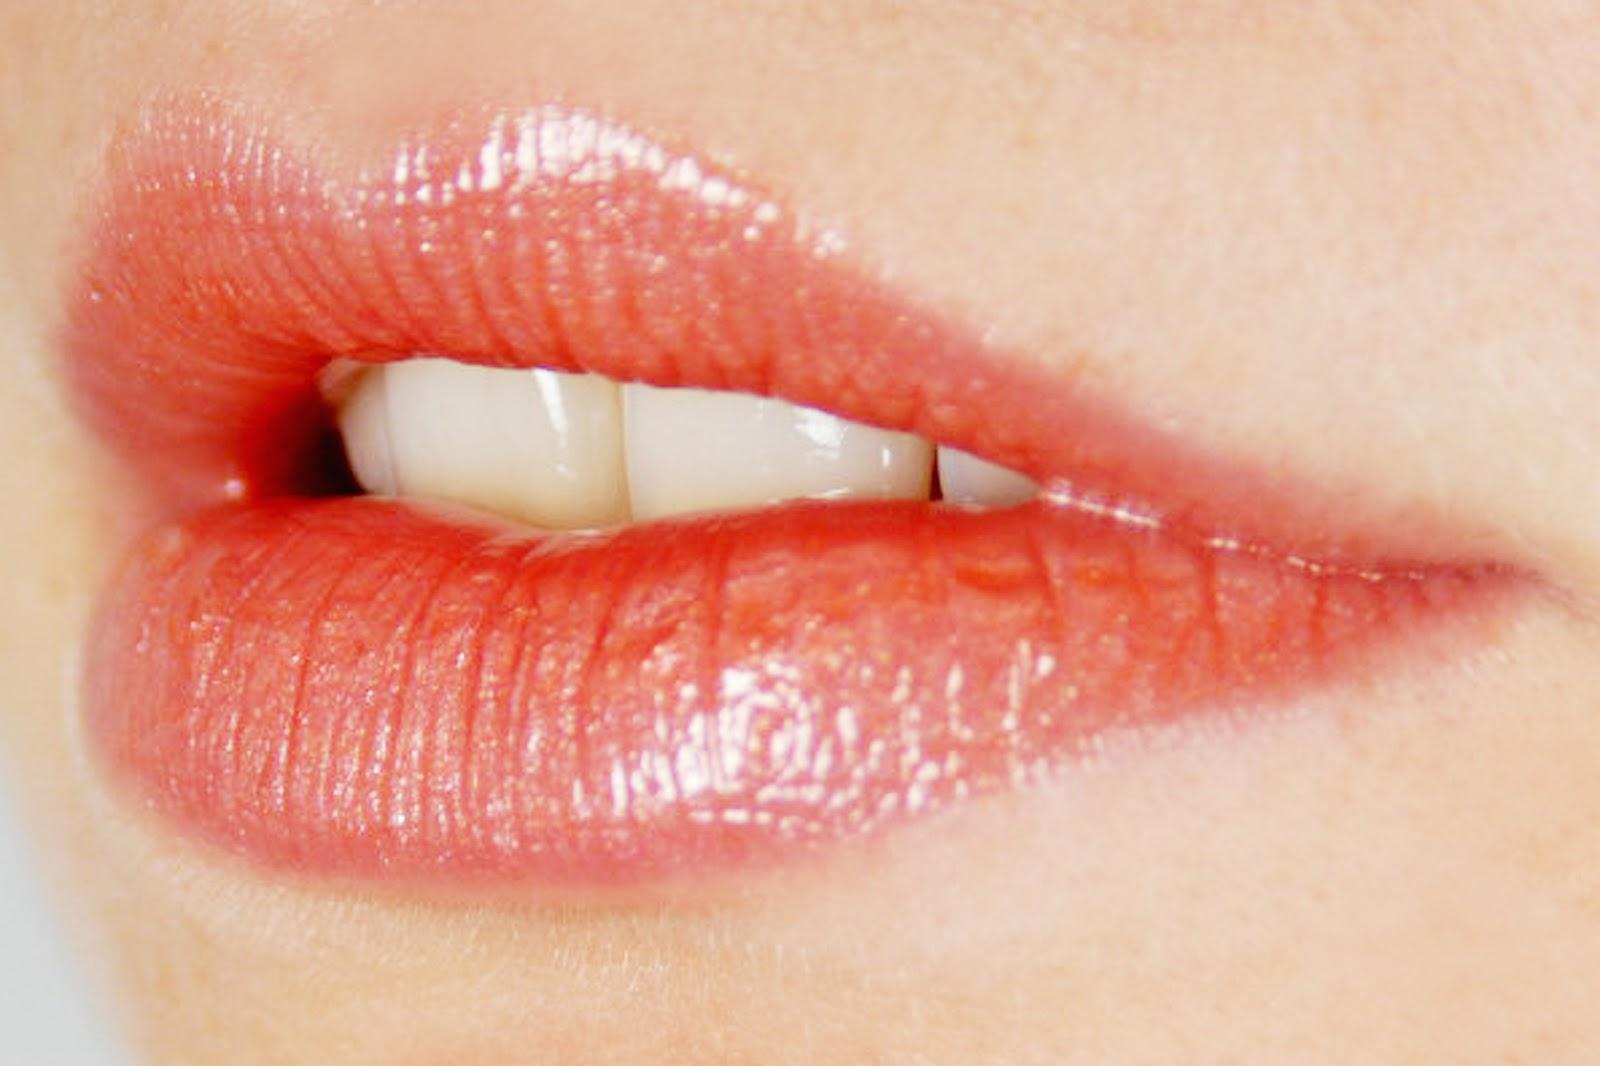 Phun môi ở Hà Nội địa chỉ nào đẹp, an toàn, lên màu chuẩn?